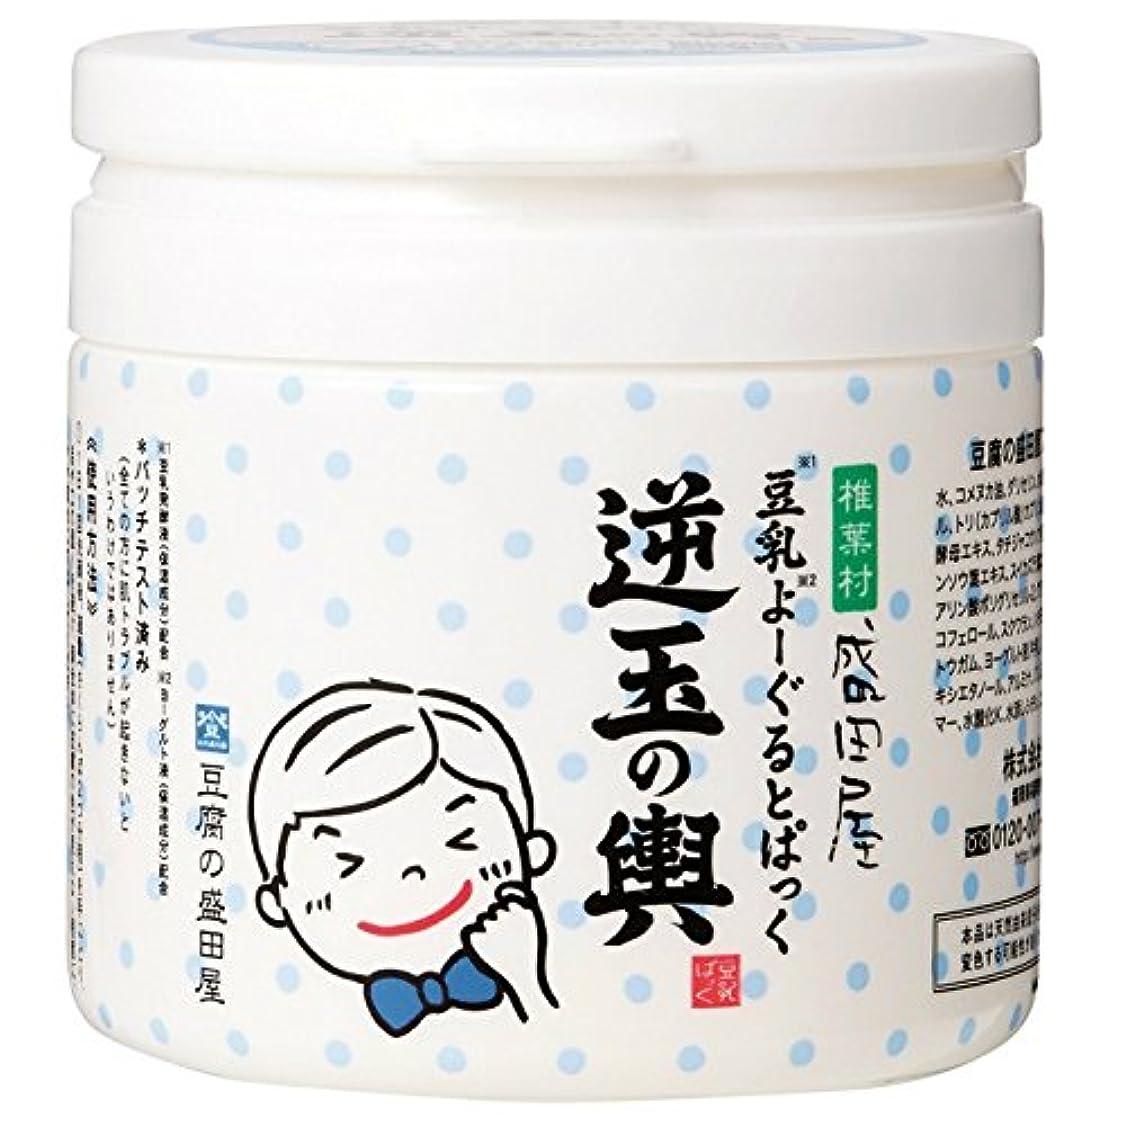 運動枯渇する小学生豆腐の盛田屋 豆乳よーぐるとぱっく 逆玉の輿 150g